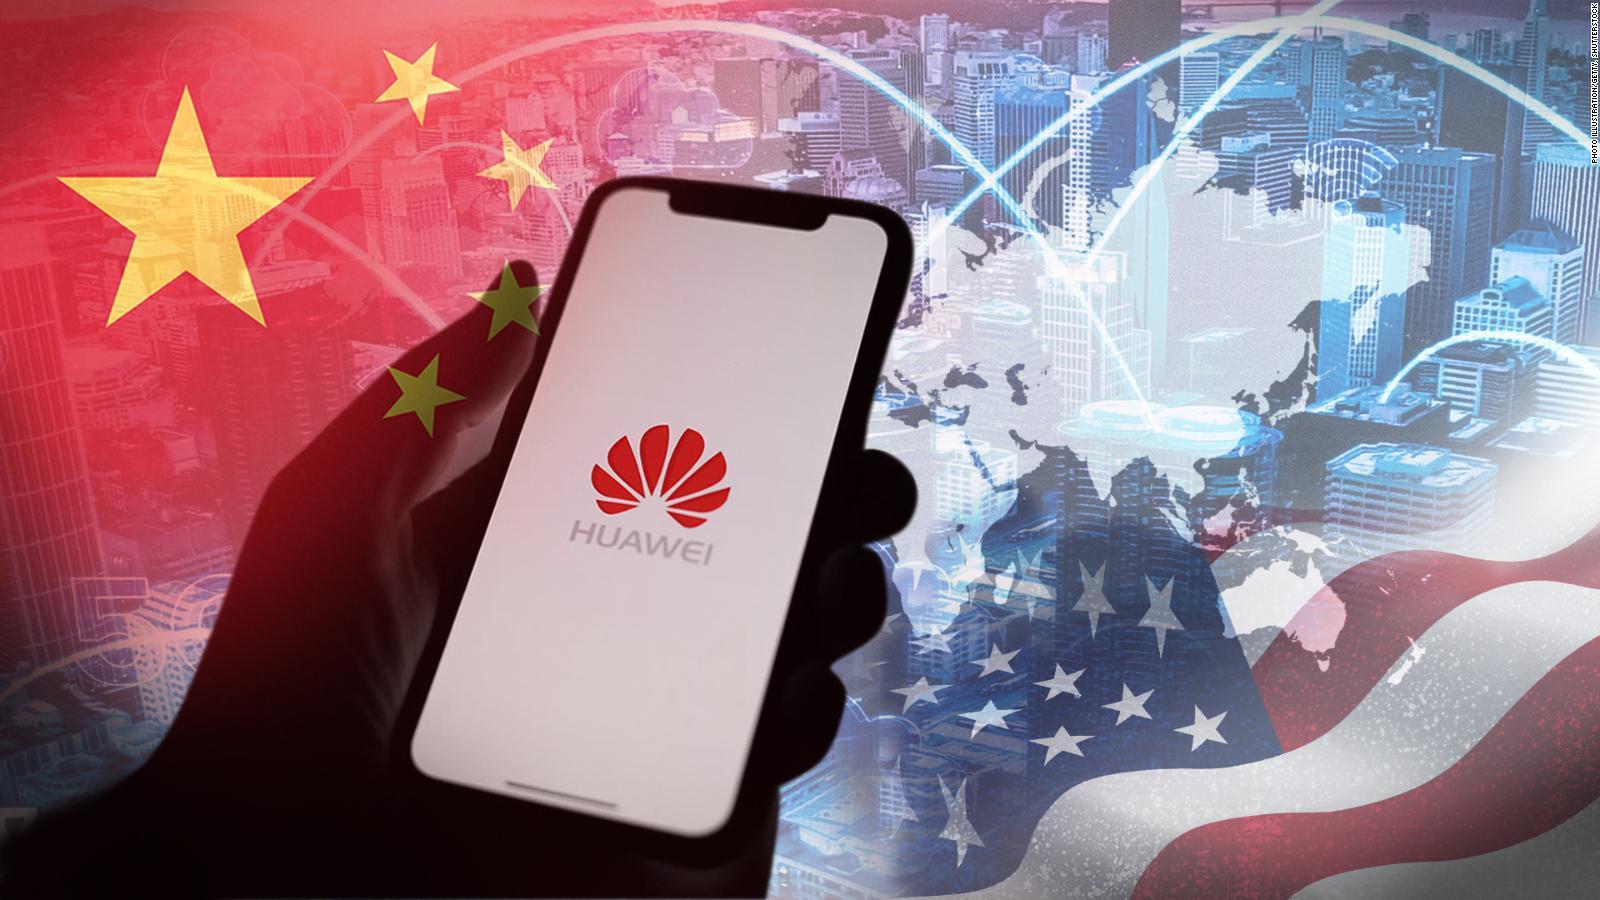 Prohibición de Huawei: ¿Cómo afectaría a las empresas estadounidenses?